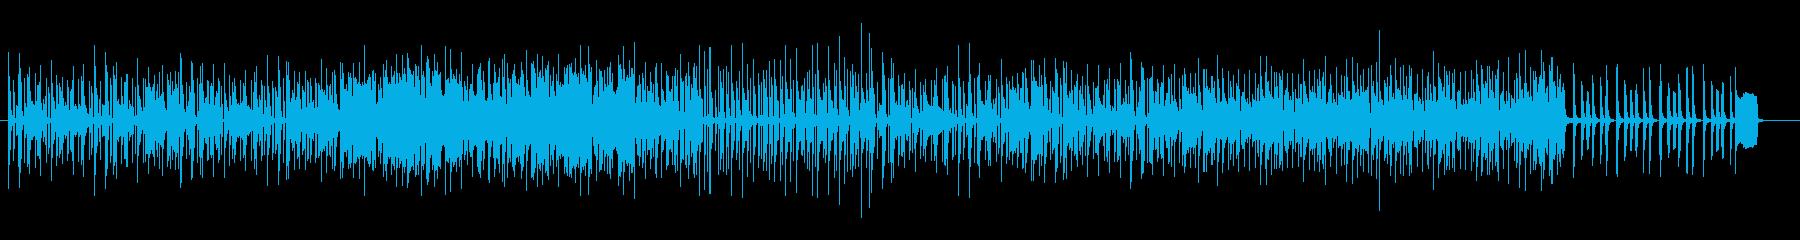 コミカルで明るいBGMの再生済みの波形